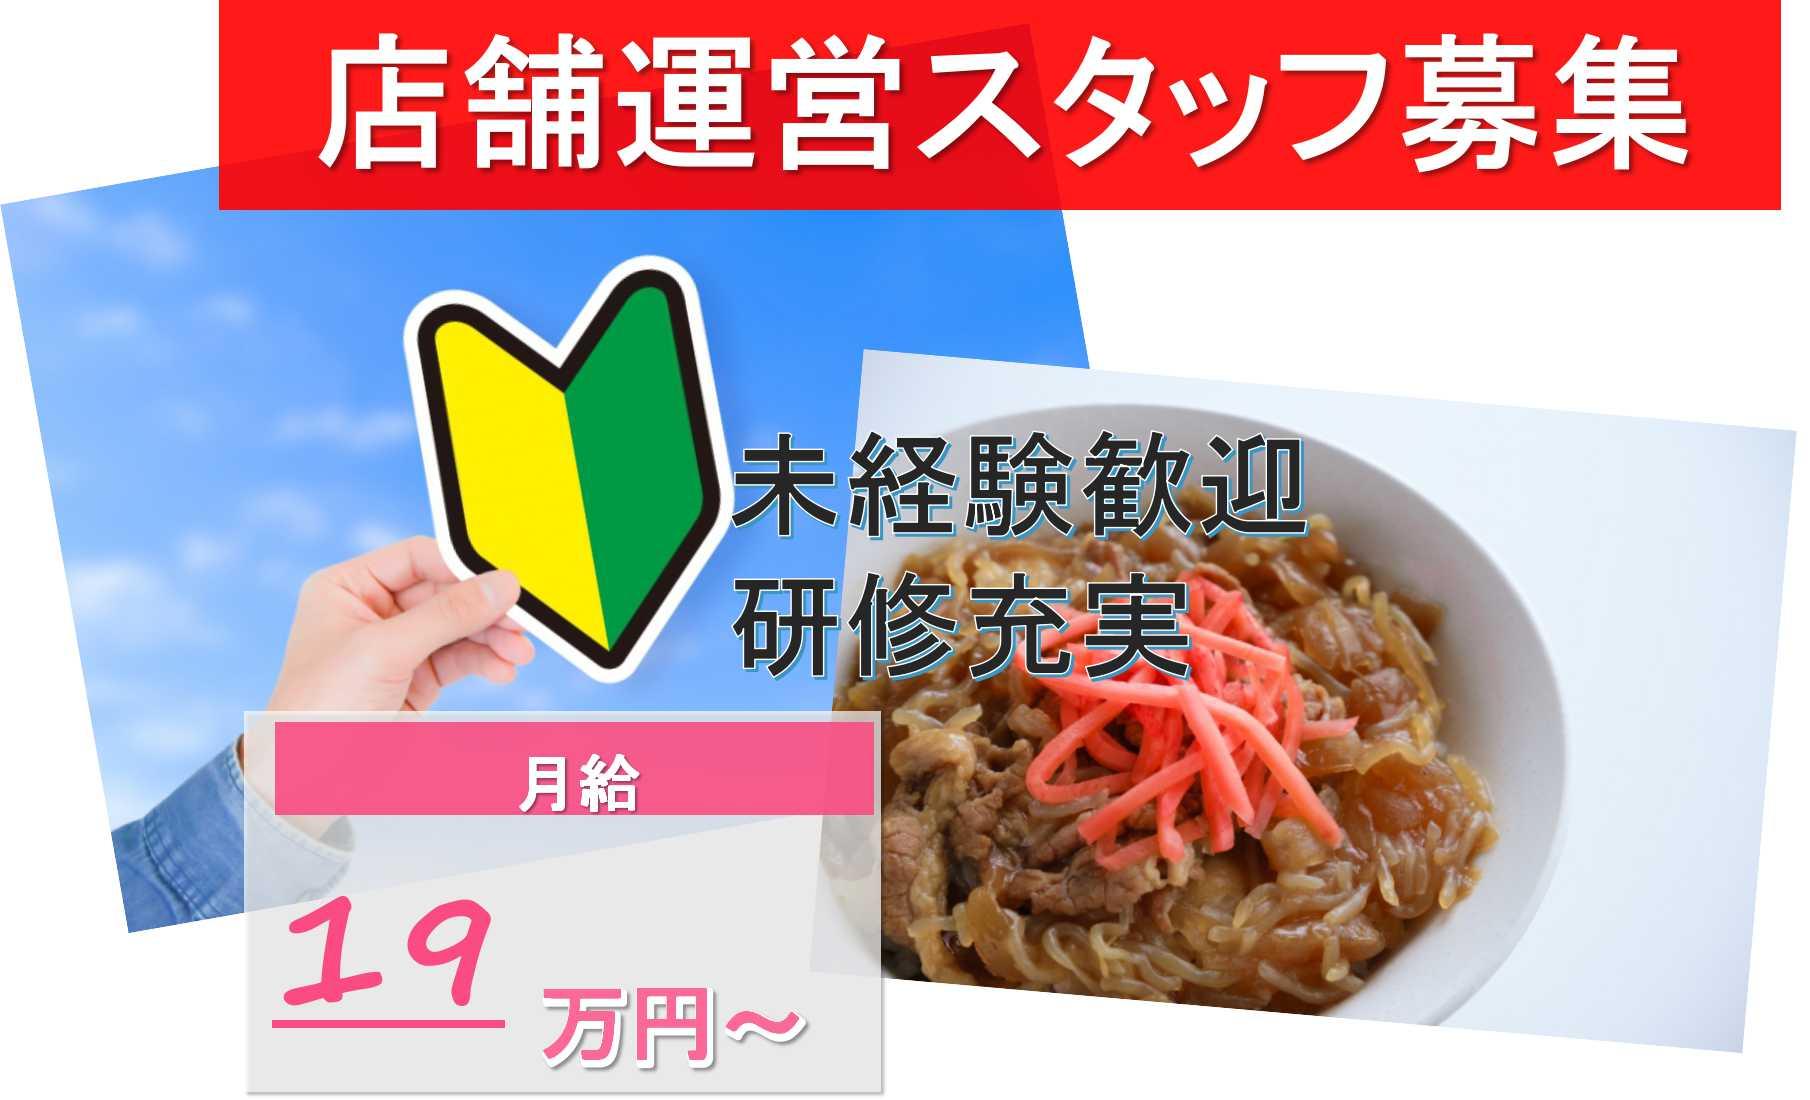 [即面談可]ママさん活躍・未経験OK・牛丼屋の店舗運営スタッフ[正社員] 知多市 イメージ